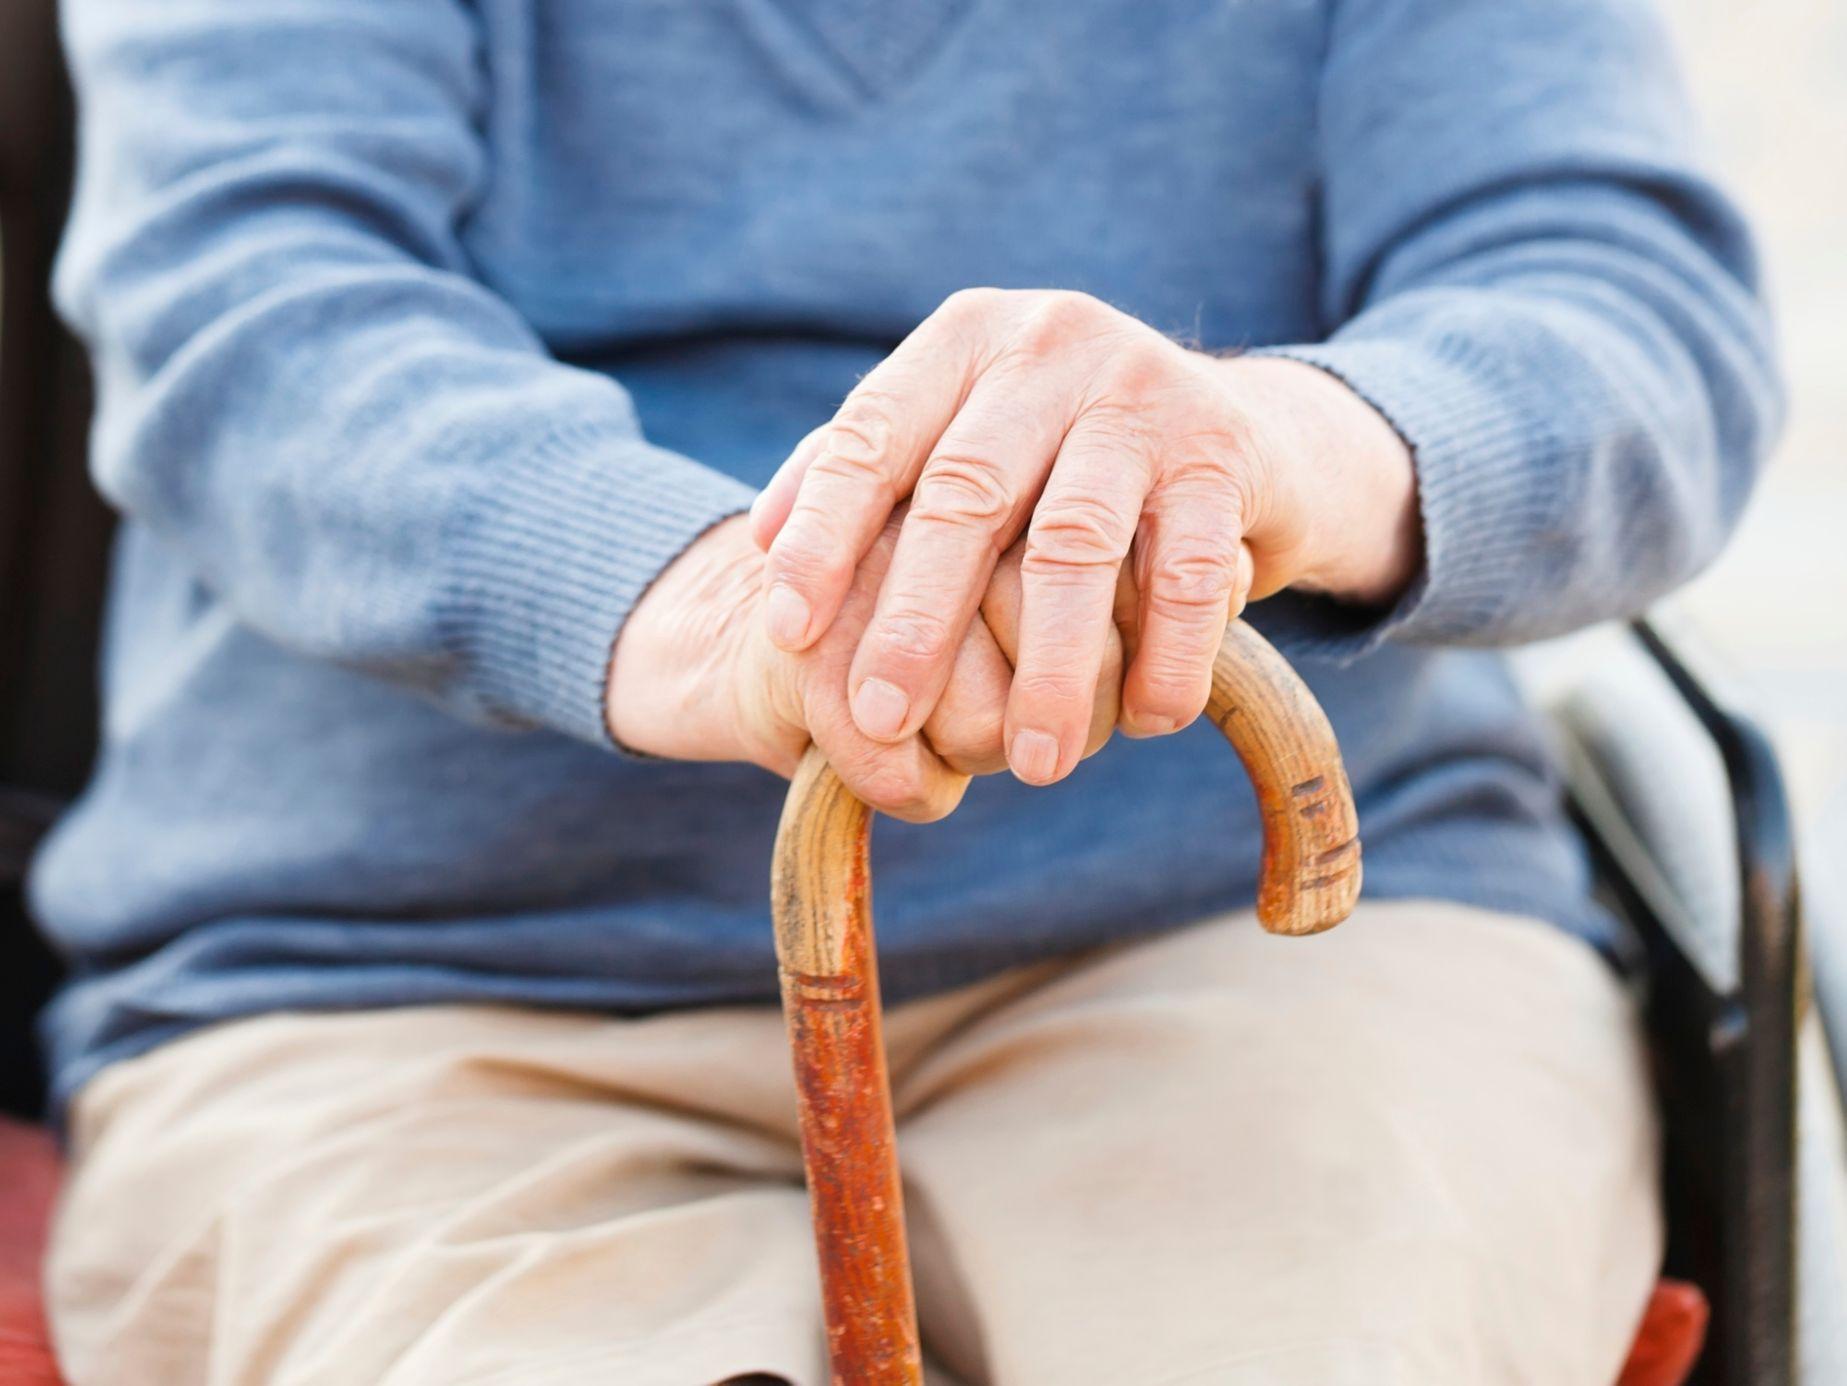 32 let starý muž 18 let senior datování jarní kopec fl